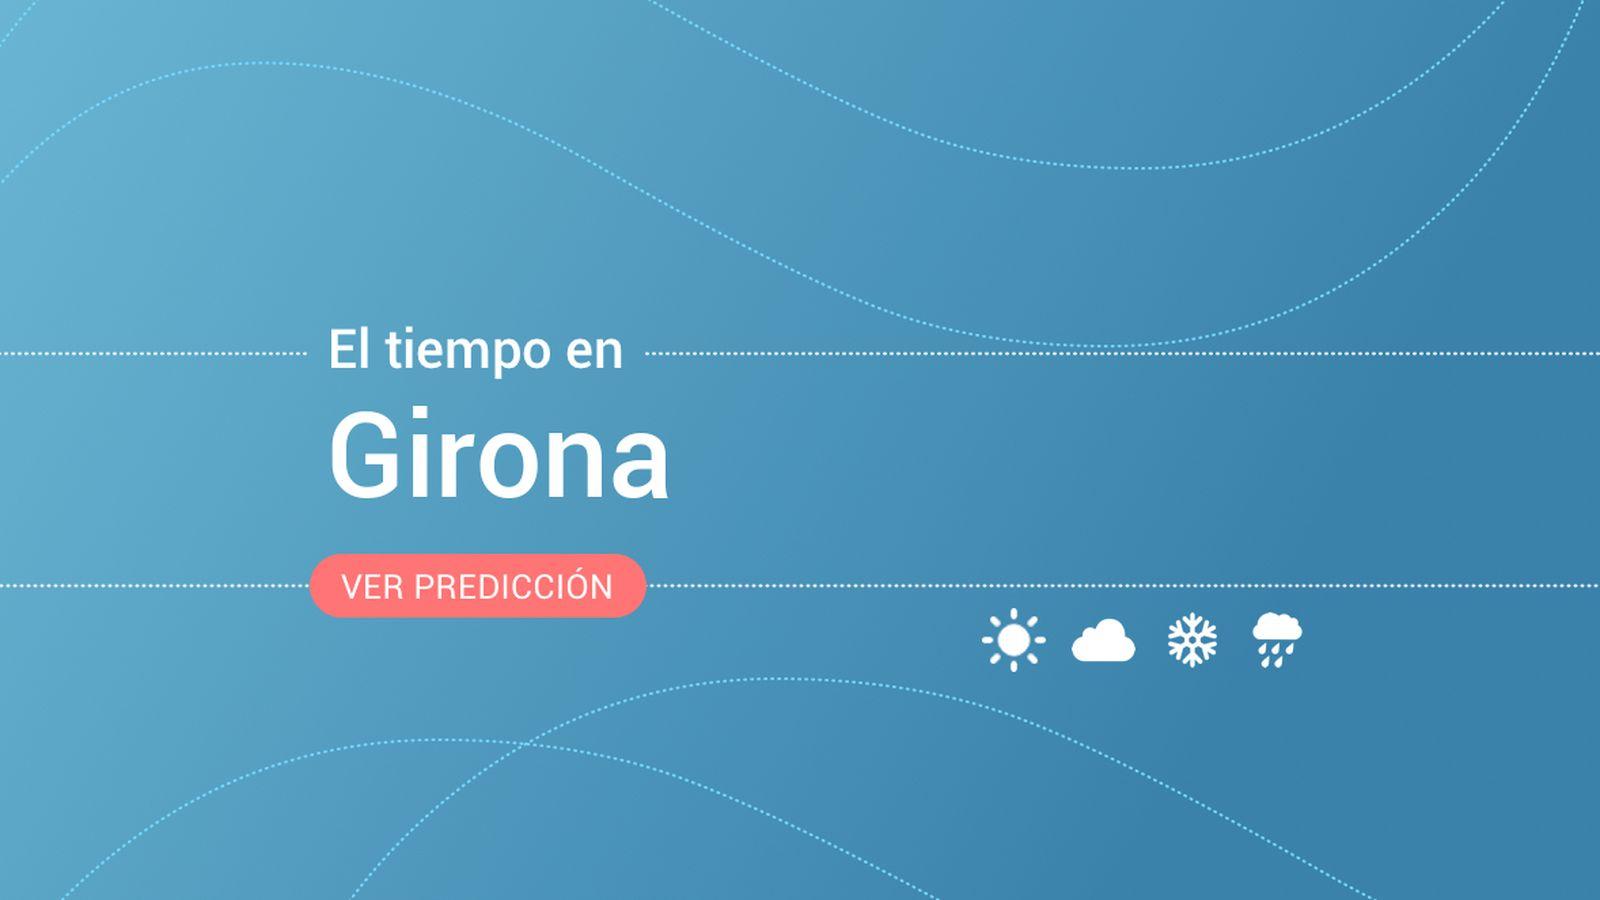 Foto: El tiempo en Girona. (EC)